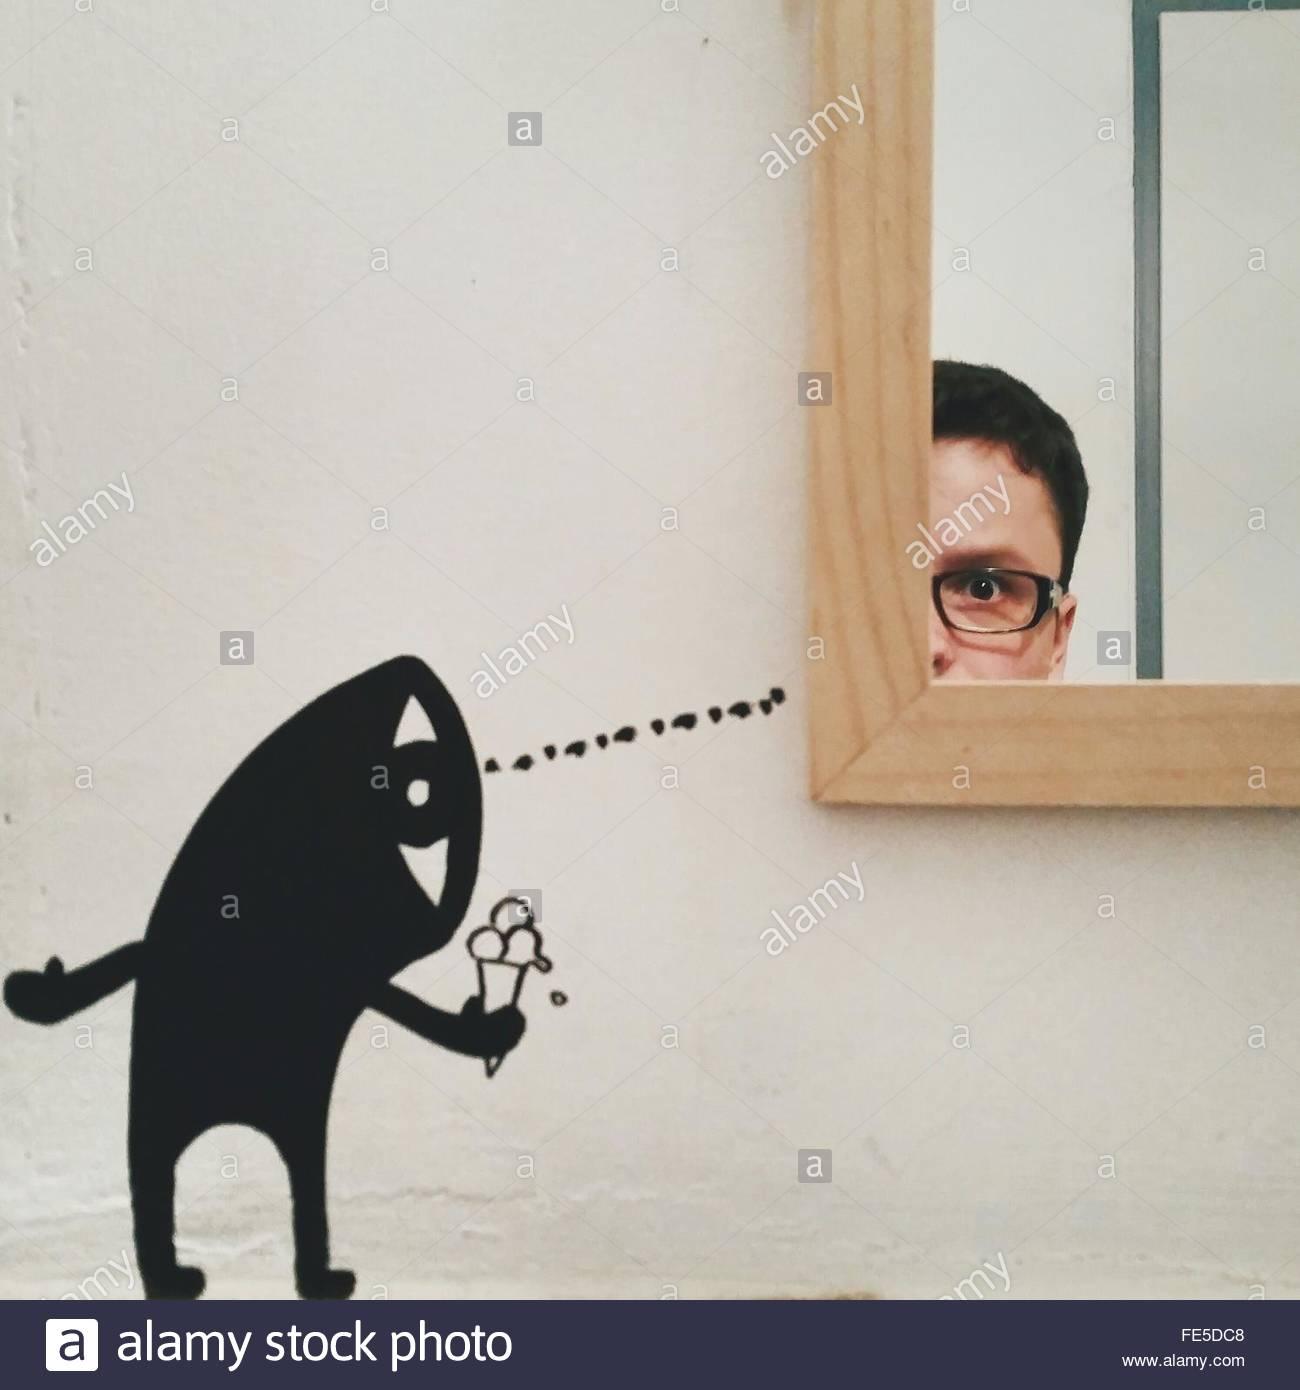 Menschlichen Malerei Angebot Eis Mann mit Reflexion über Spiegel Stockbild